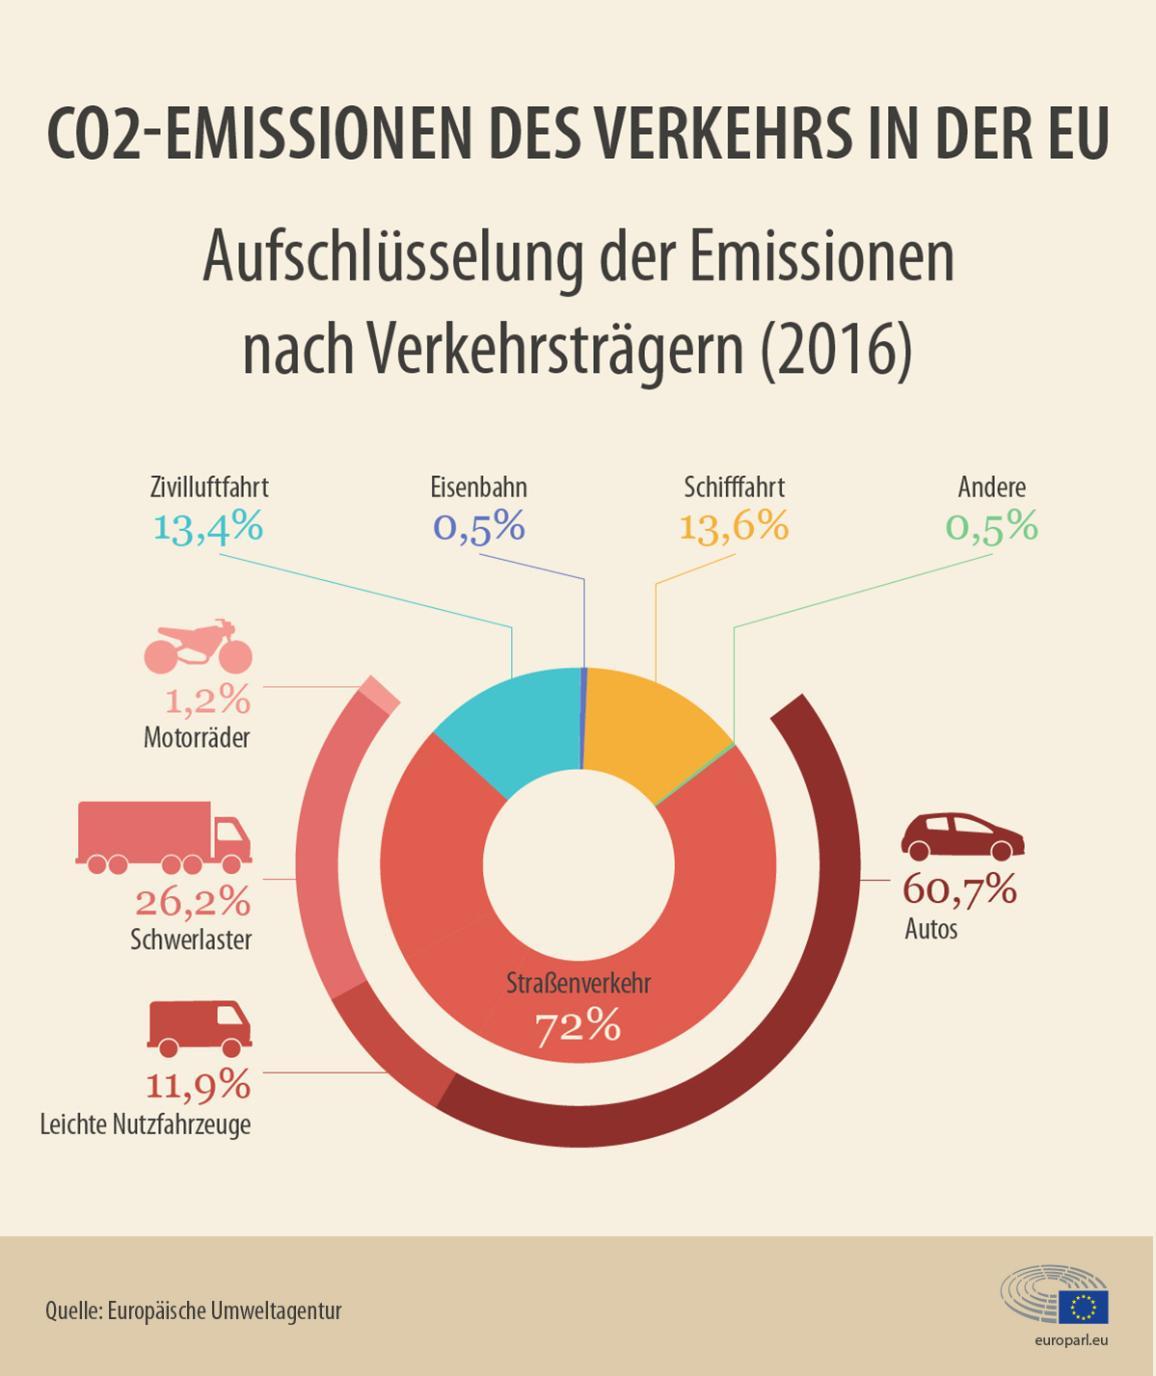 Infografik: Autos machen über 60% der verkehrsbedingten Emissionen aus